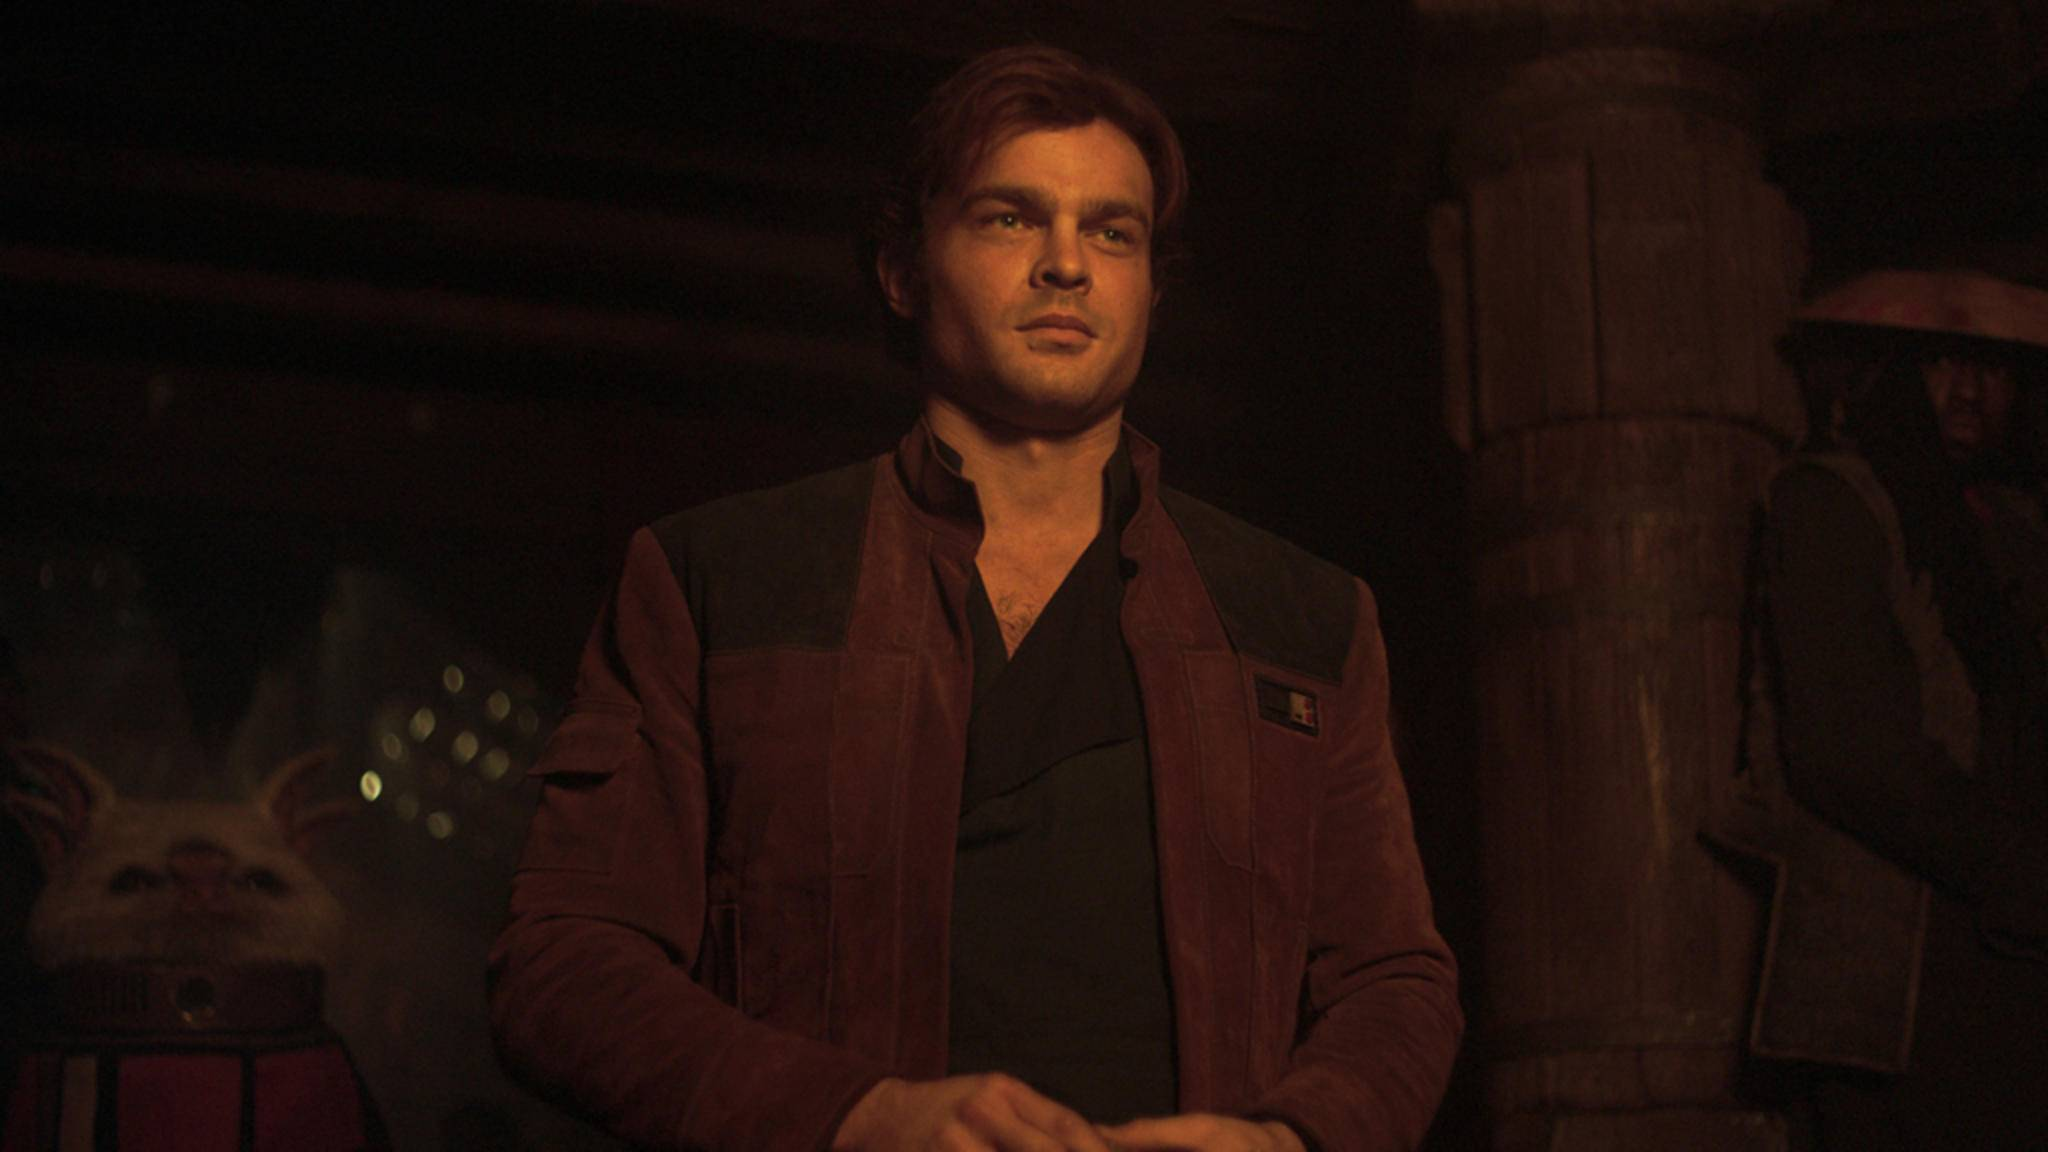 Aller guten Dinge sind drei? Alden Ehrenreich soll für drei Filme unterschrieben haben, in denen er als junger Han Solo zu sehen ist.